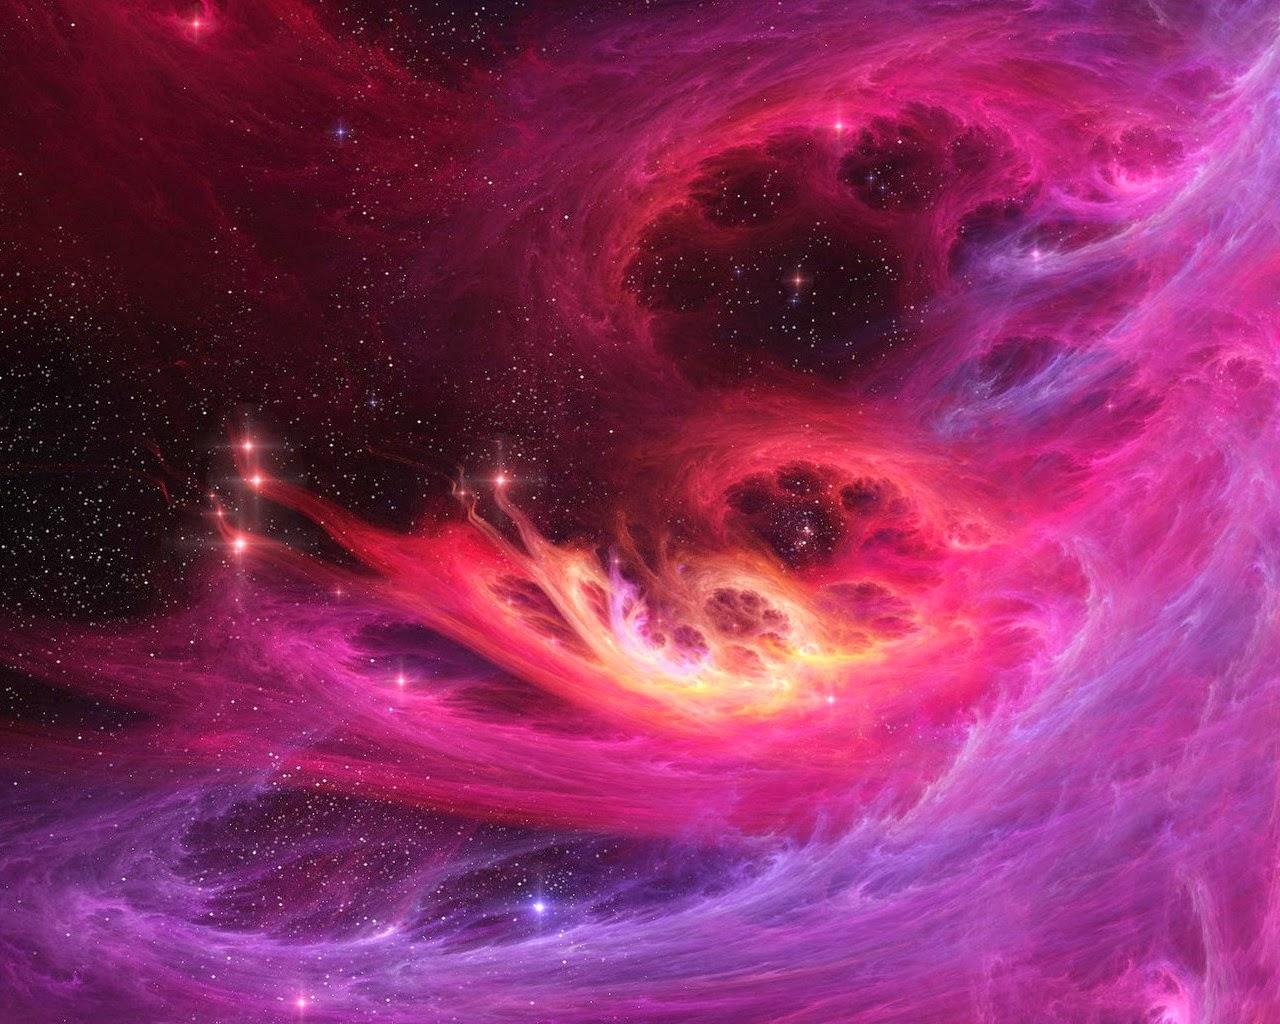 Space Nebula Wallpaper Space Wallpaper 1280x1024